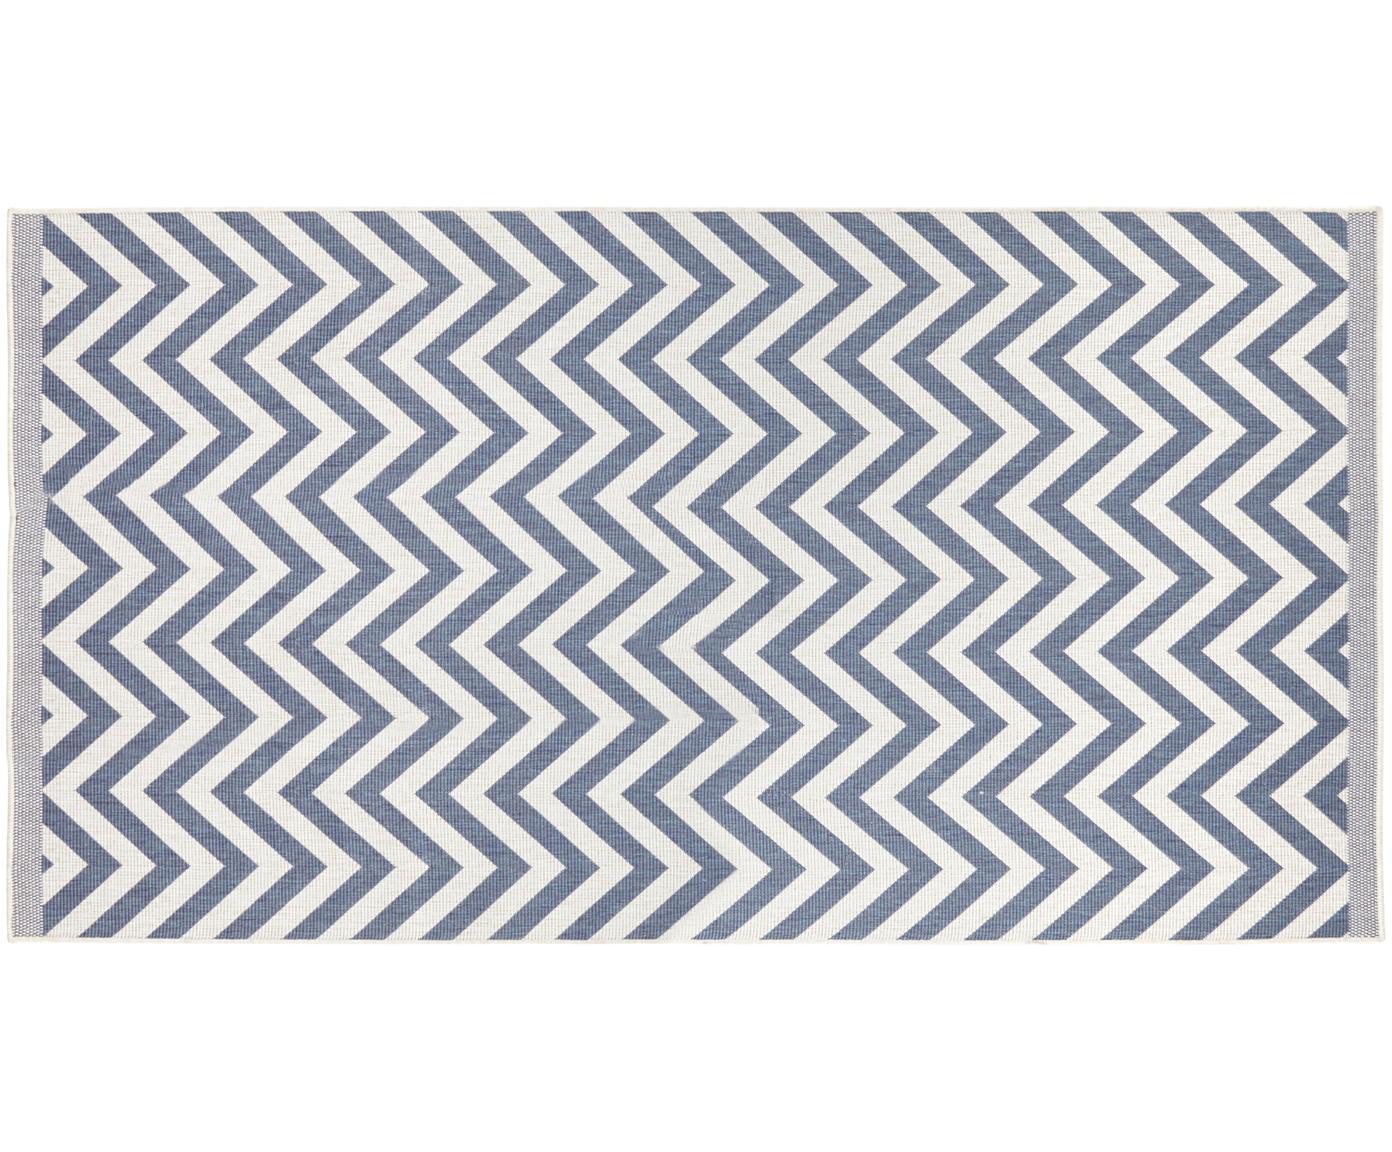 In- & Outdoor-Teppich Palma mit Zickzack-Muster, beidseitig verwendbar, Blau, Creme, B 80 x L 150 cm (Grösse XS)